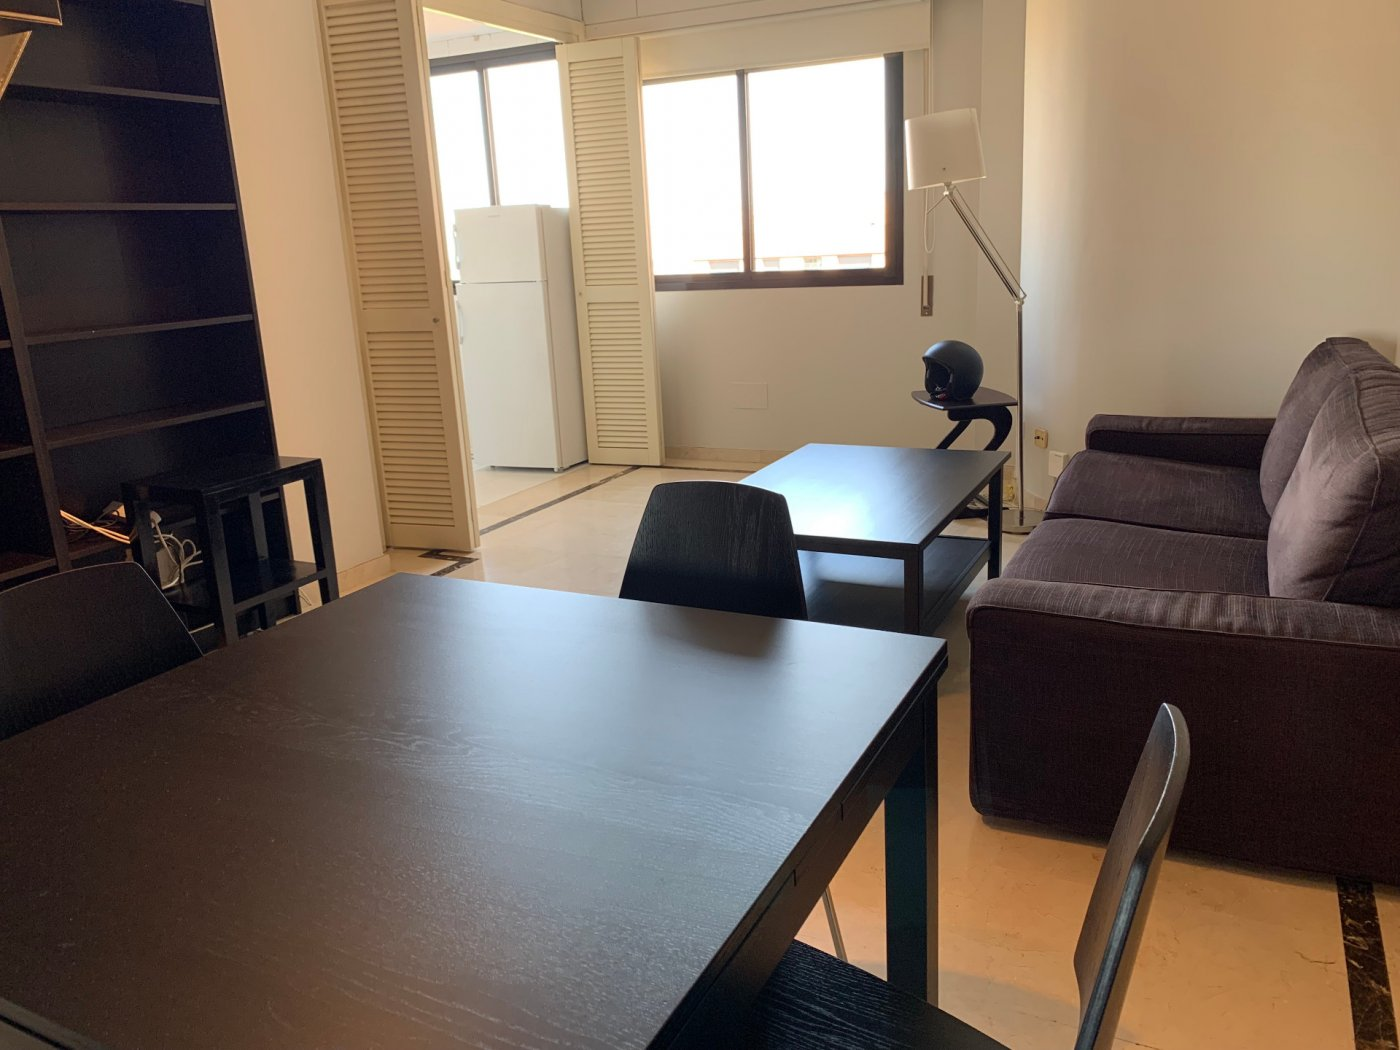 Venta o alquiler de piso en madrid - imagenInmueble5